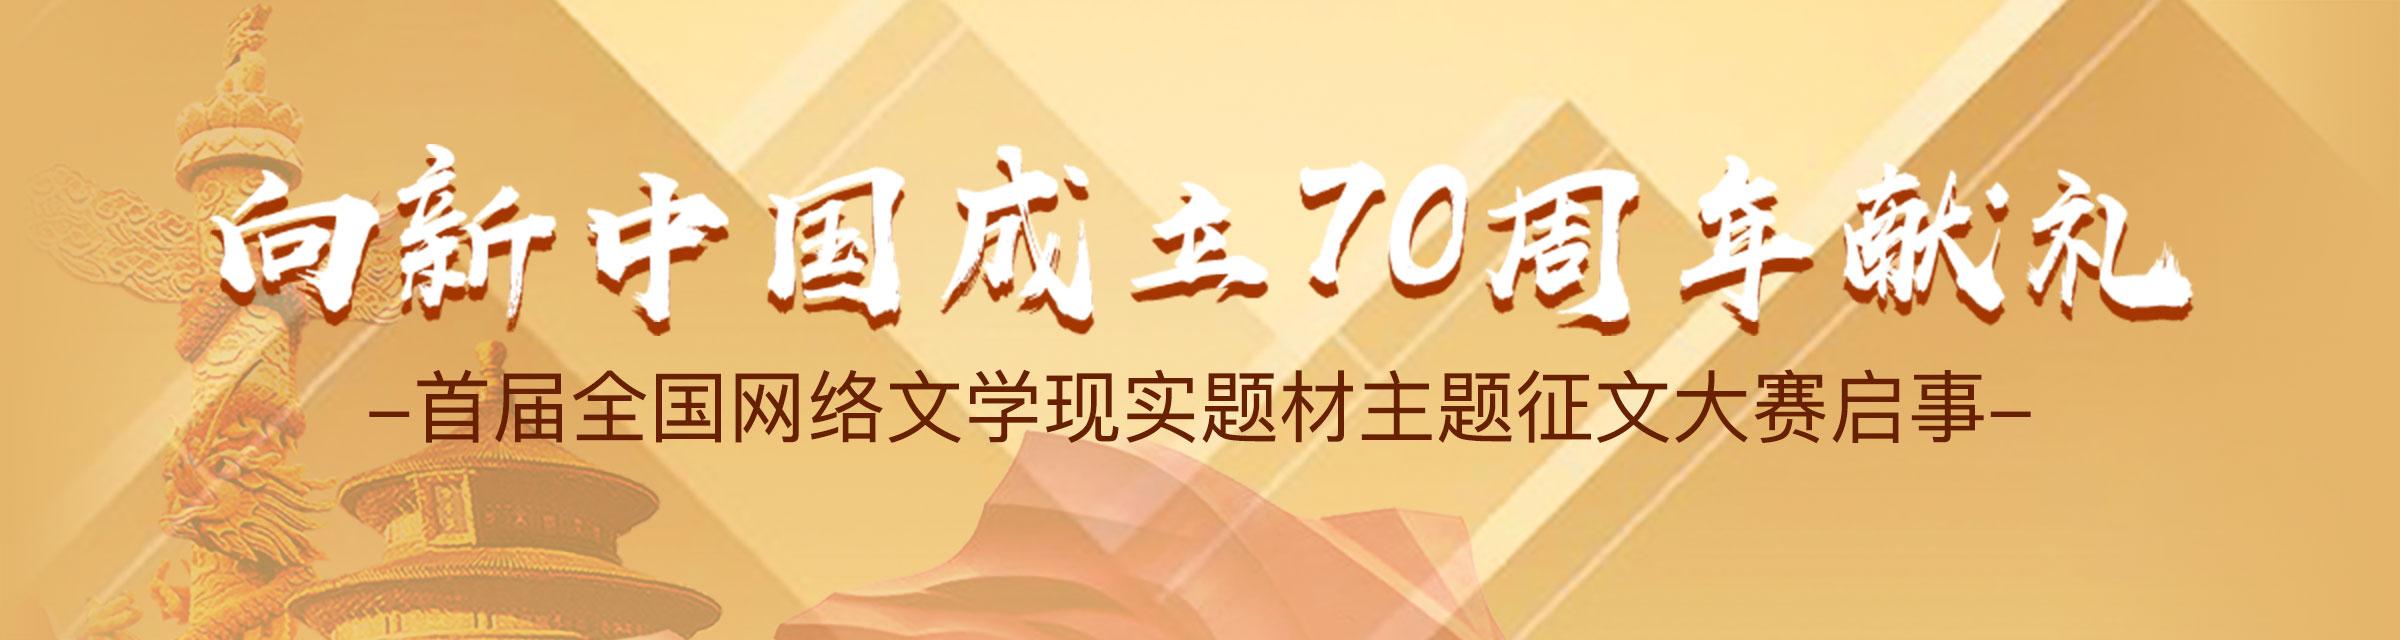 建国70周年献礼征文